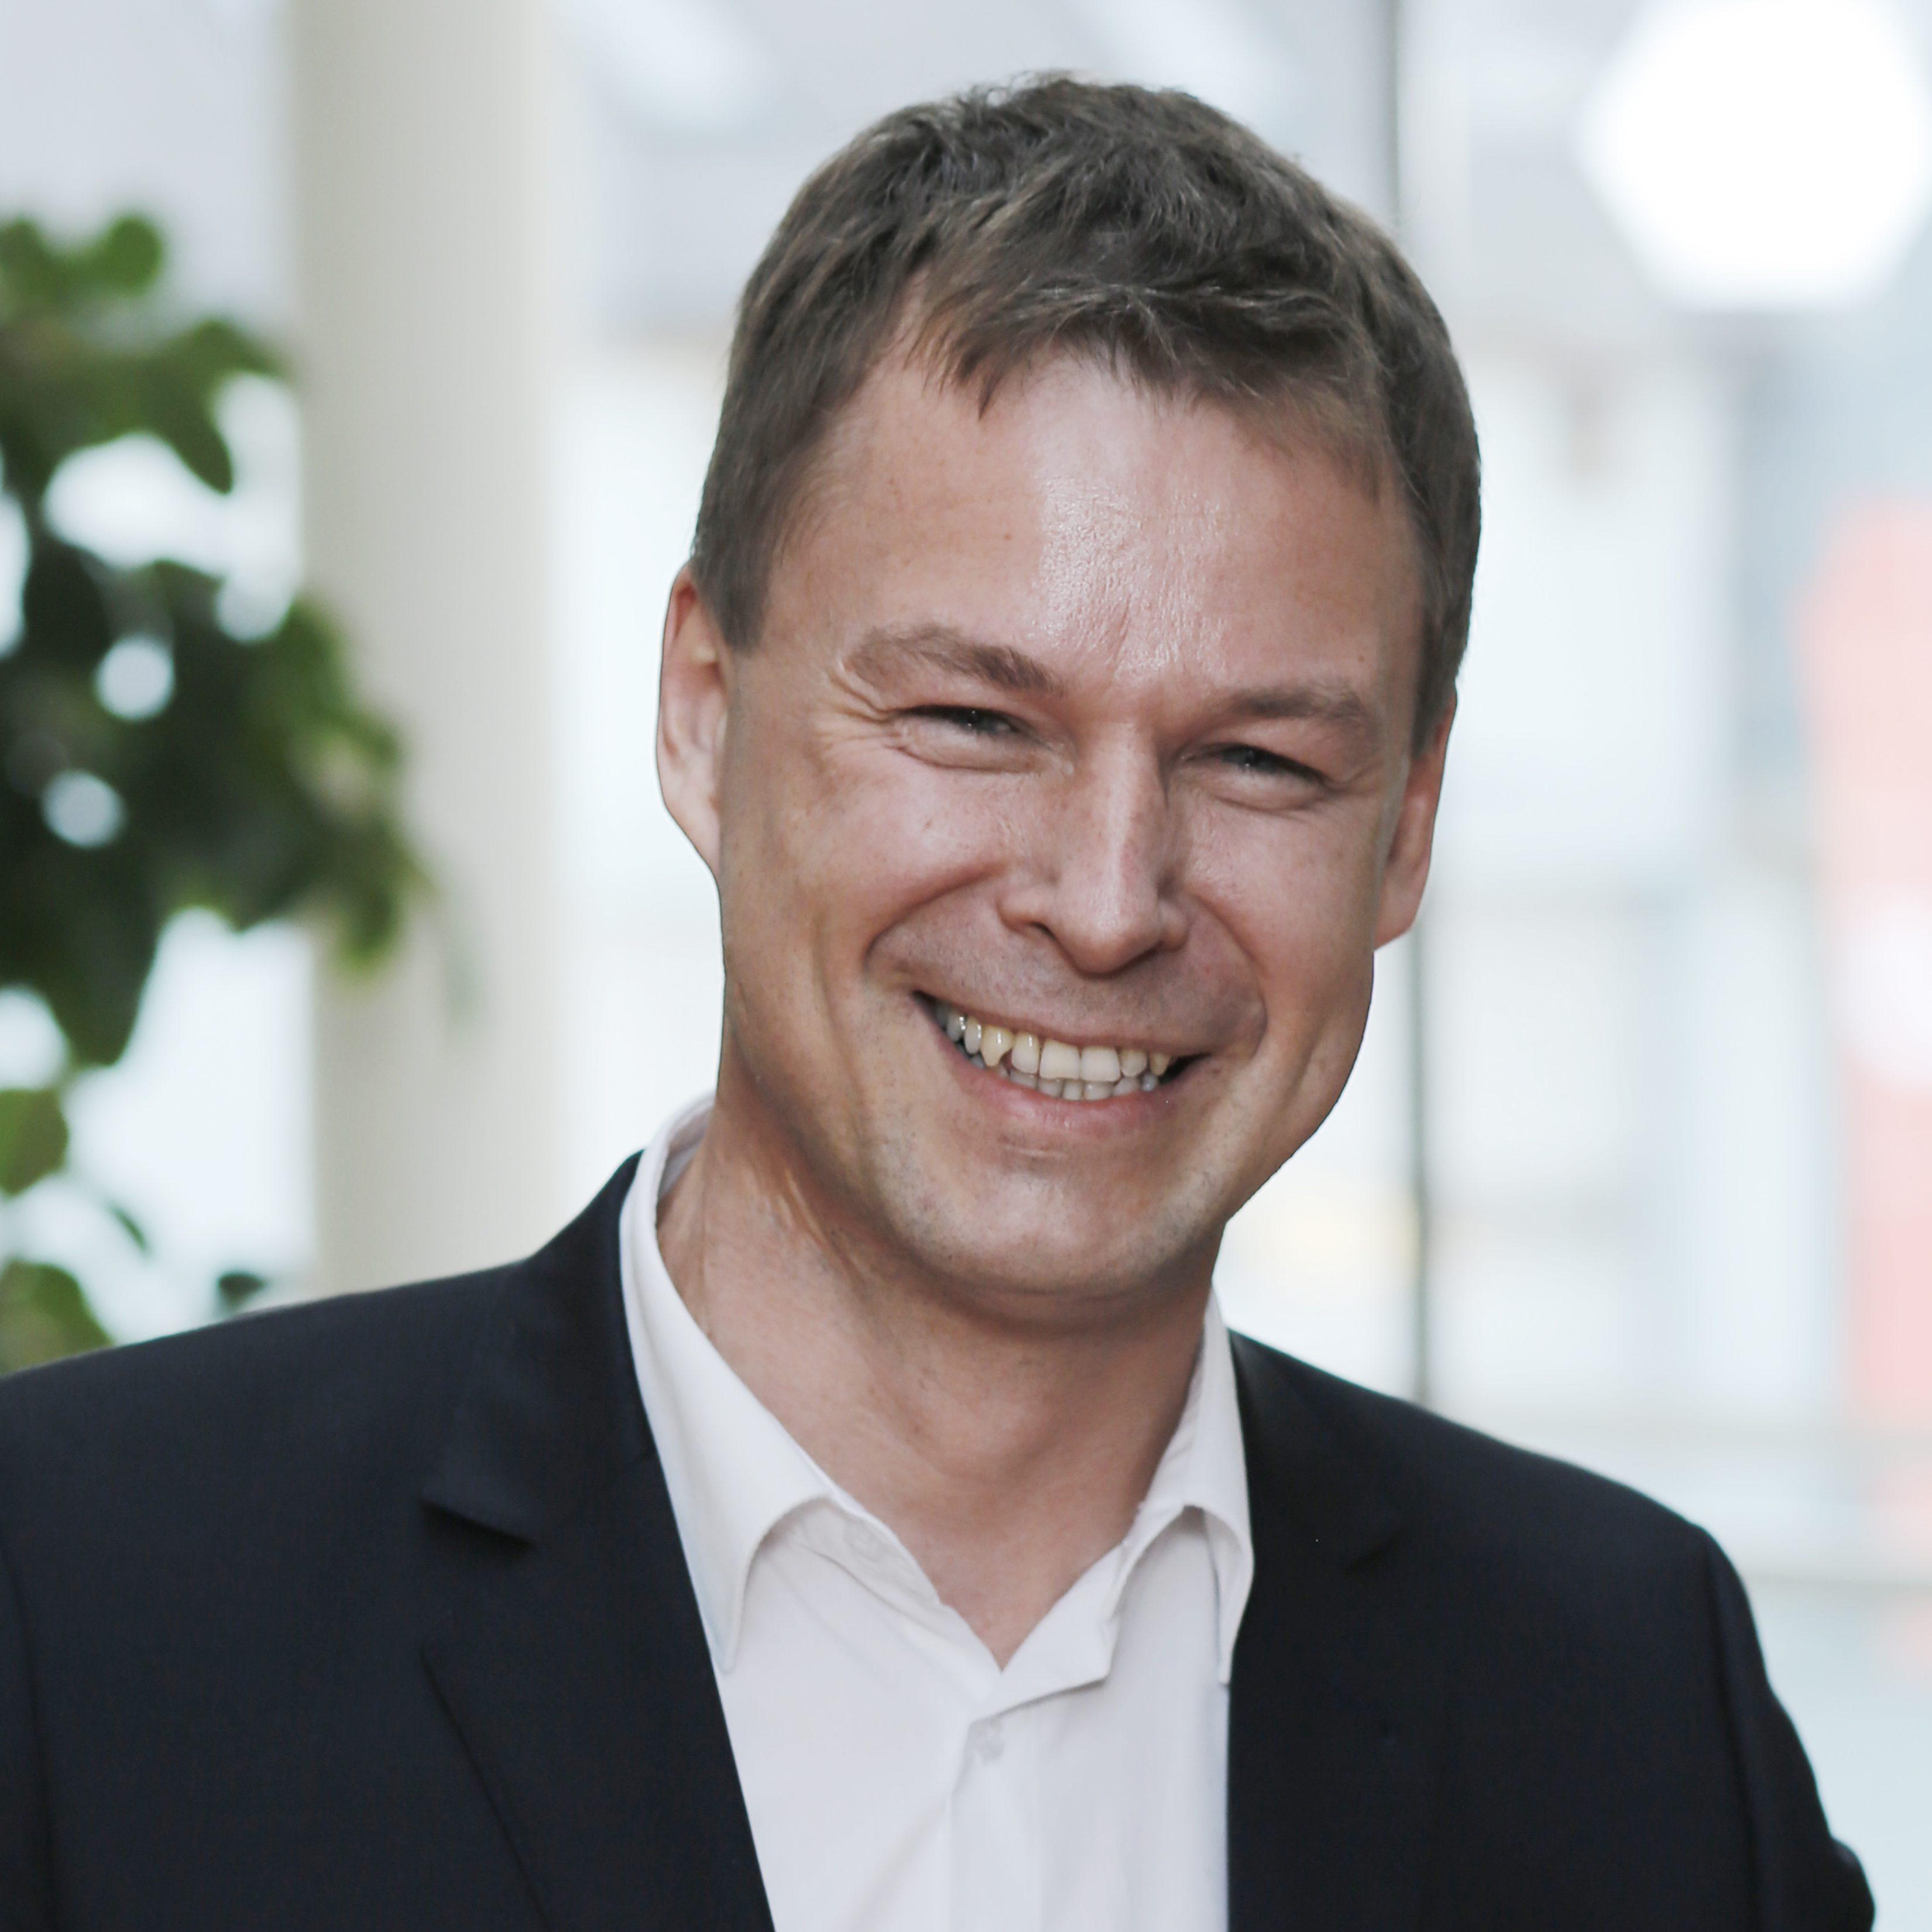 Herbert Winterleitner